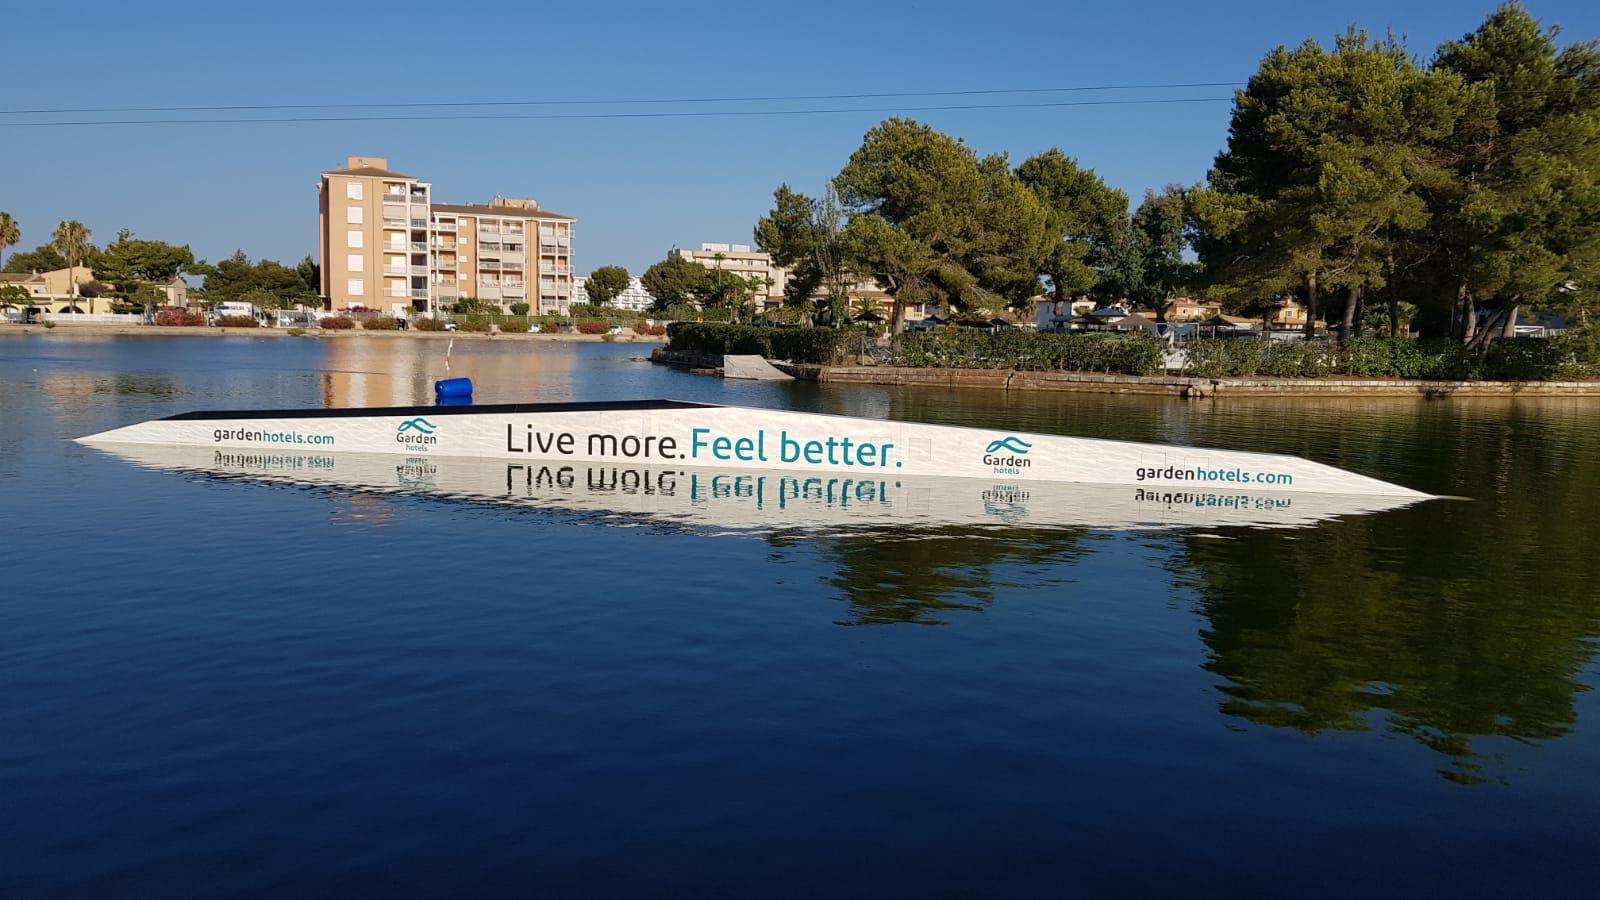 Garden Hotels colabora con el único wakeboard park en Mallorca, Mallorca Wakepark